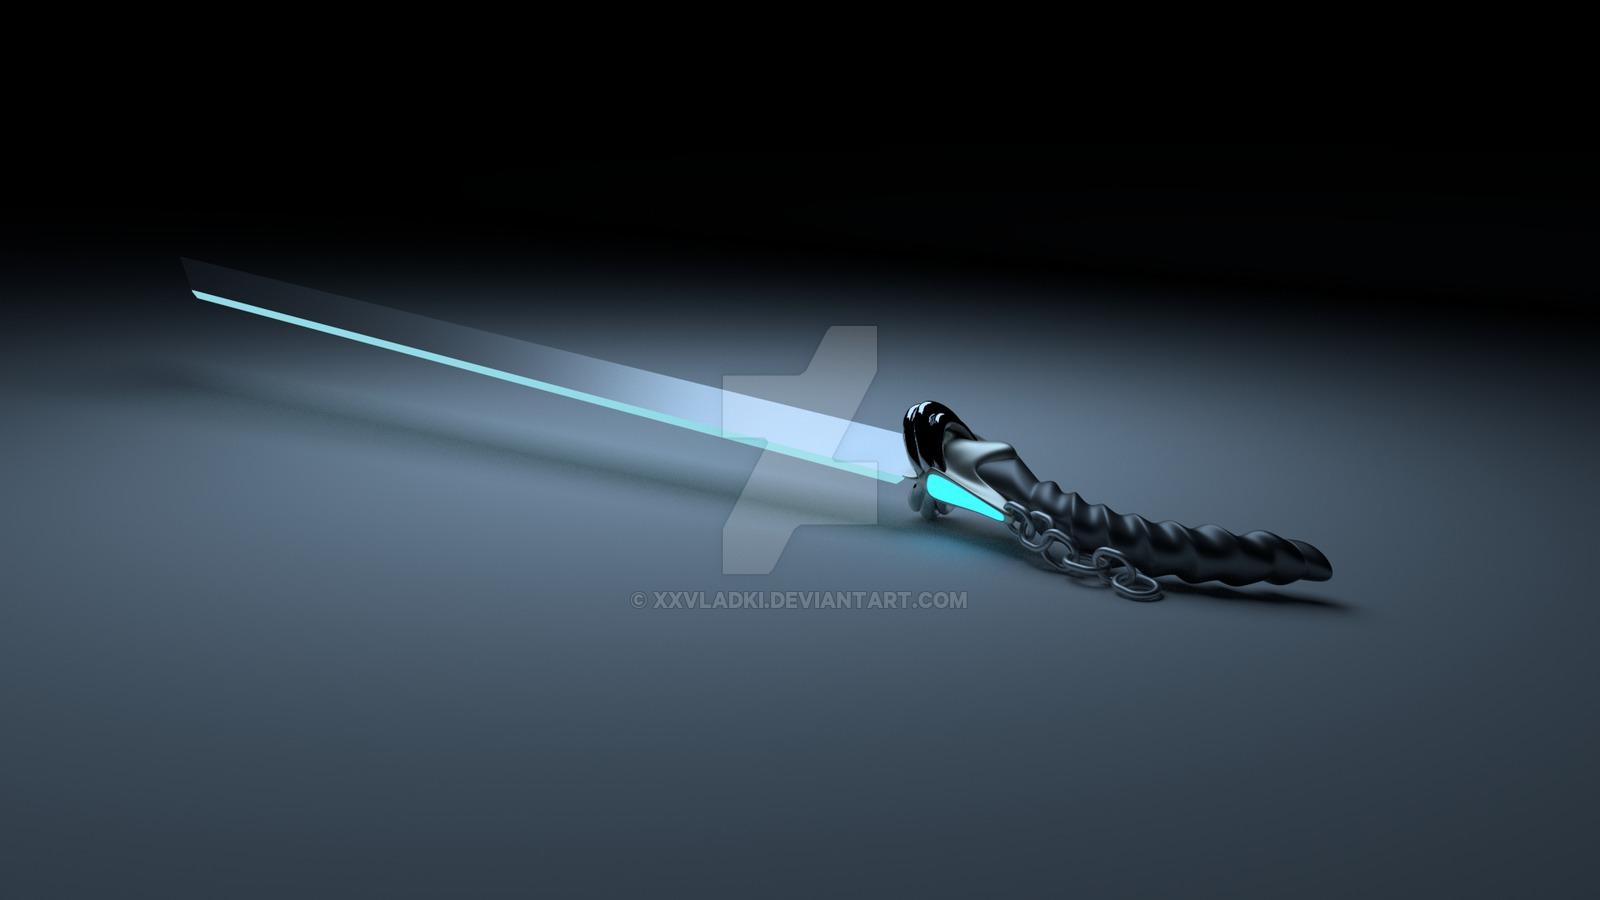 laser_katana_by_xxvladki-d54bhsy.jpg